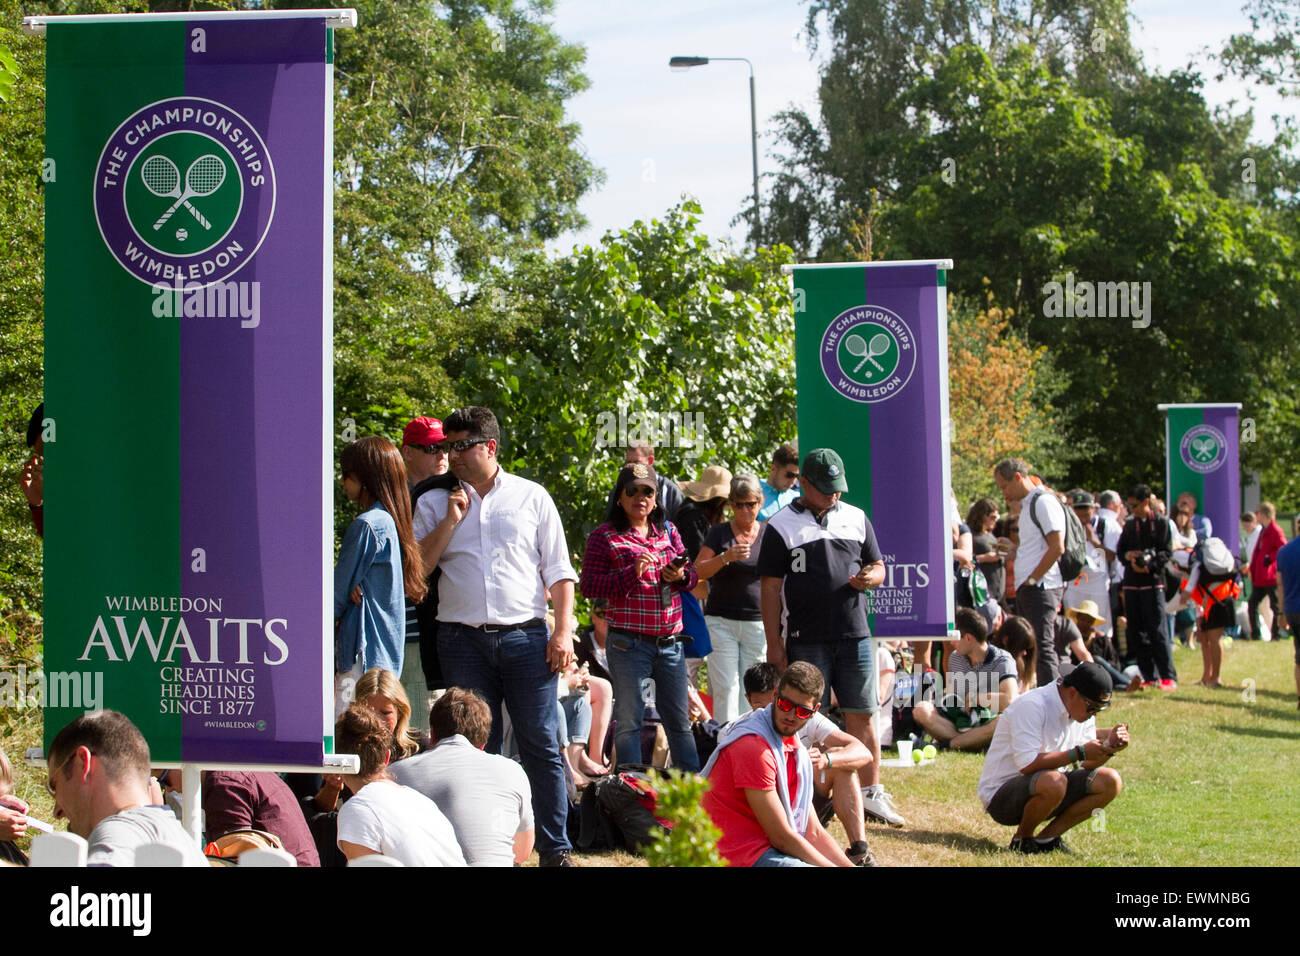 Wimbledon Londra,UK. Il 29 giugno 2015. Tifosi si riuniscono sul primo giorno del 2015 Wimbledon Tennis Championships Immagini Stock